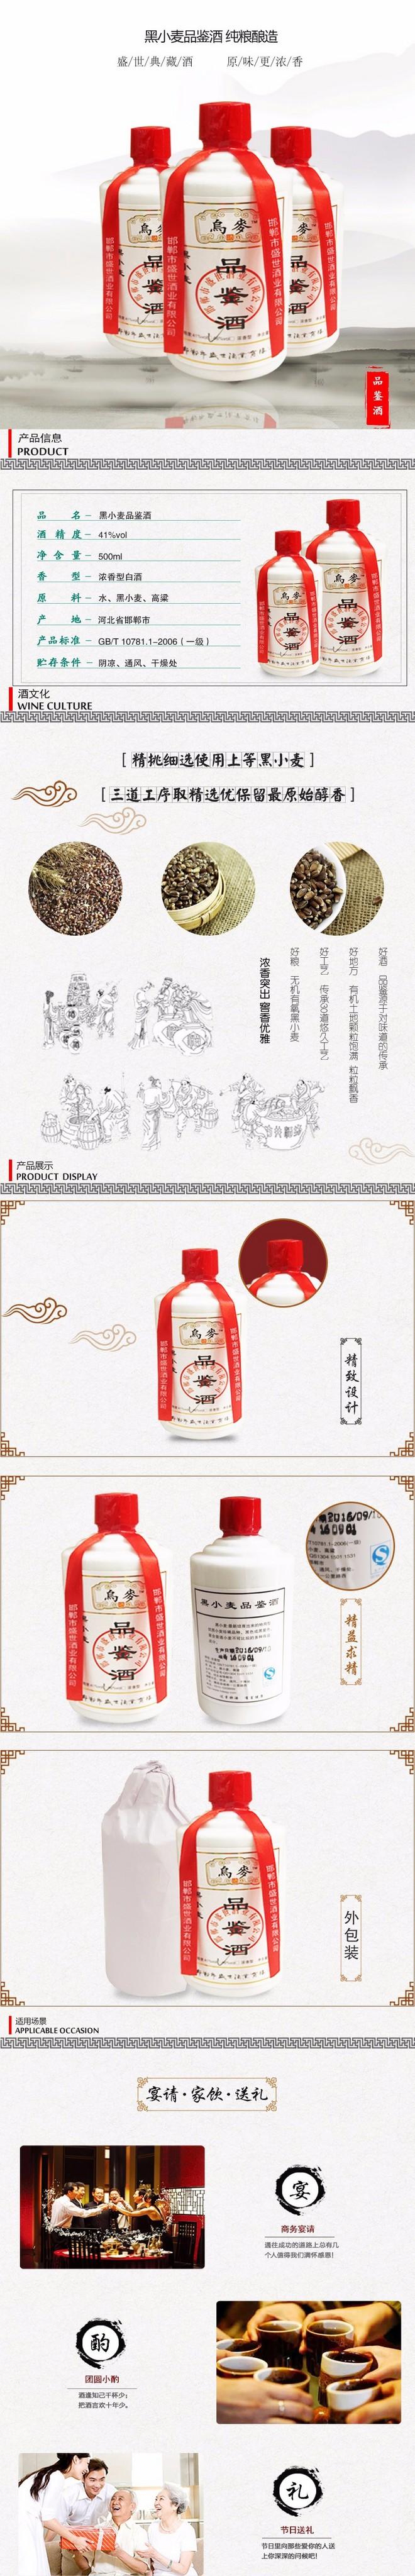 黑小麦品鉴酒.jpg